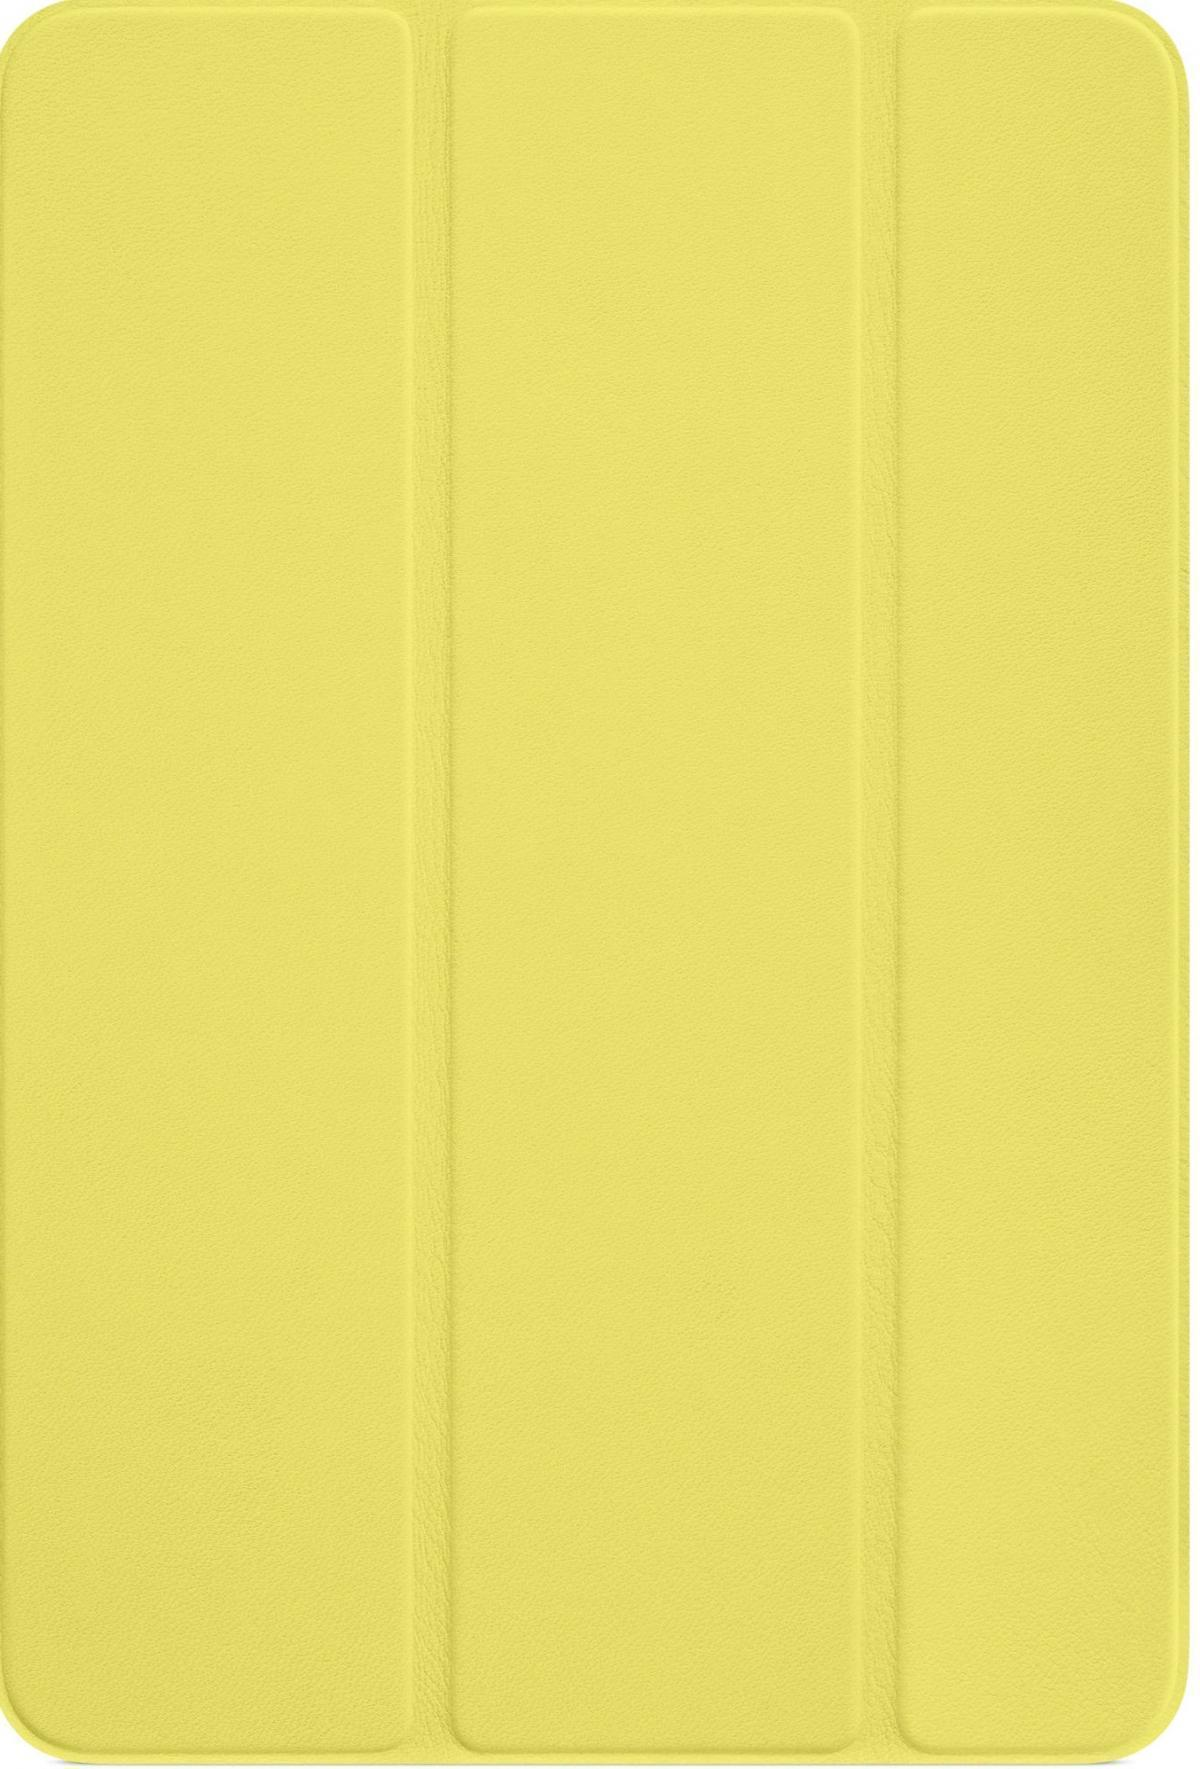 Чехол-книжка Book Cover для Samsung Galaxy Tab 4 8.0 T330/T331 искусственная кожа (желтый) фото